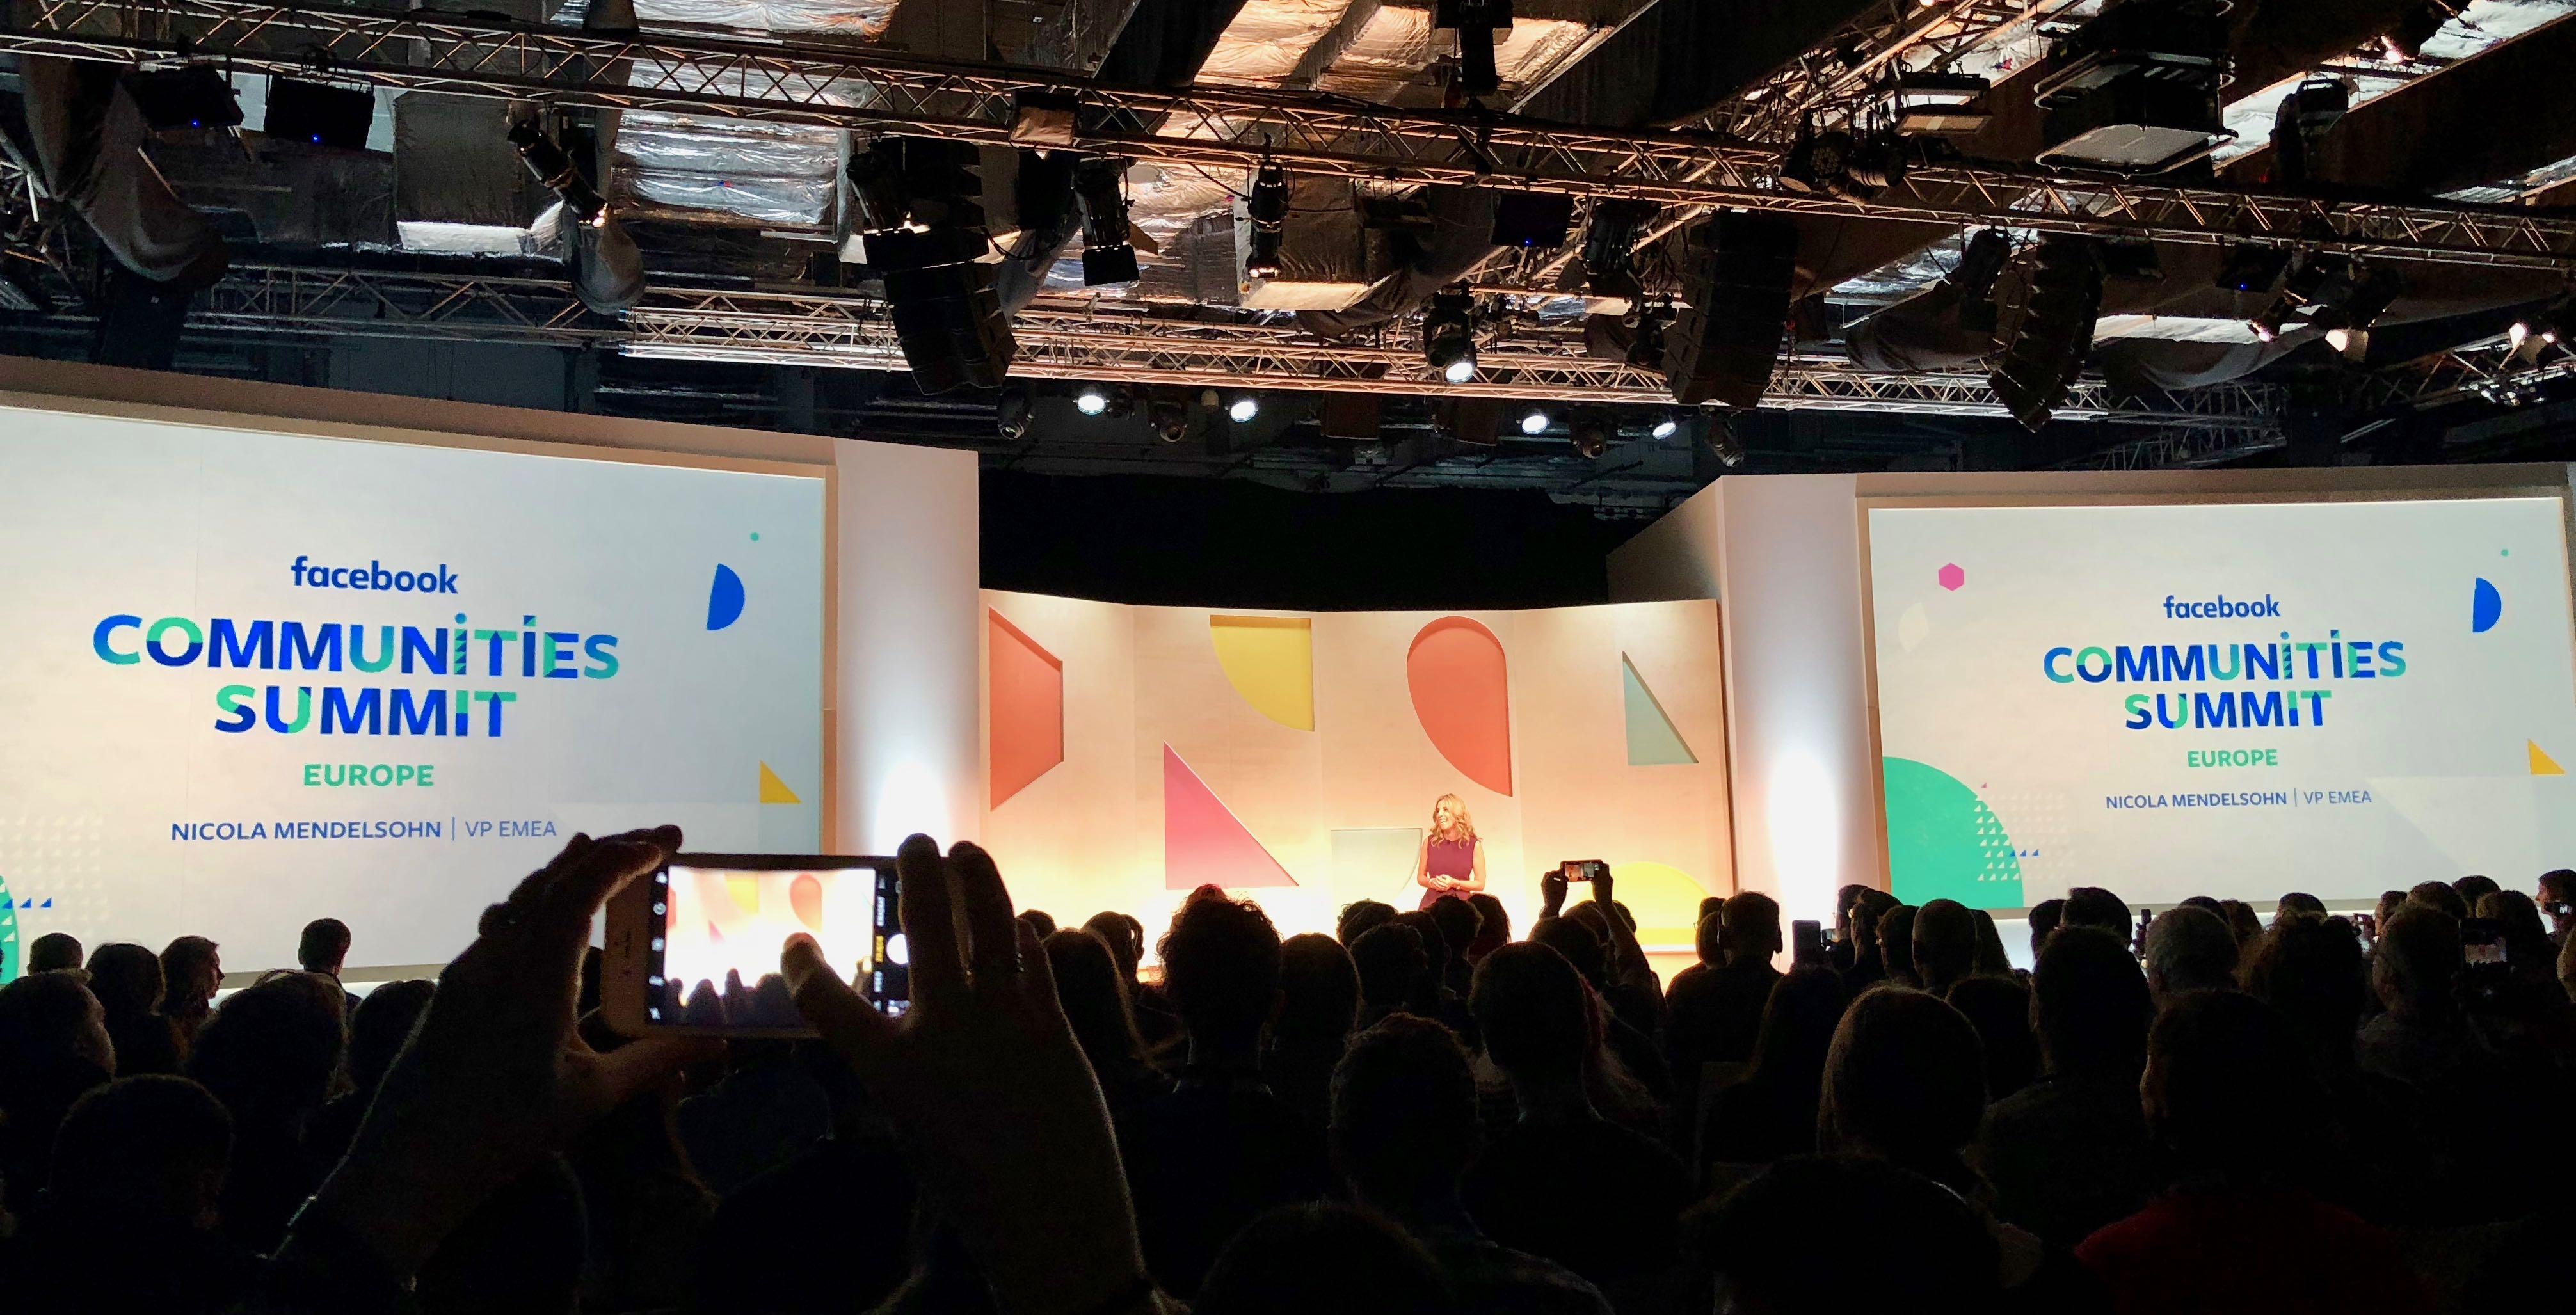 Minne kuljet Kelloharrastajat?  –  Matkaraportti Facebook Community Summitista Lontoosta ja visioita KH:n tulevaisuudesta